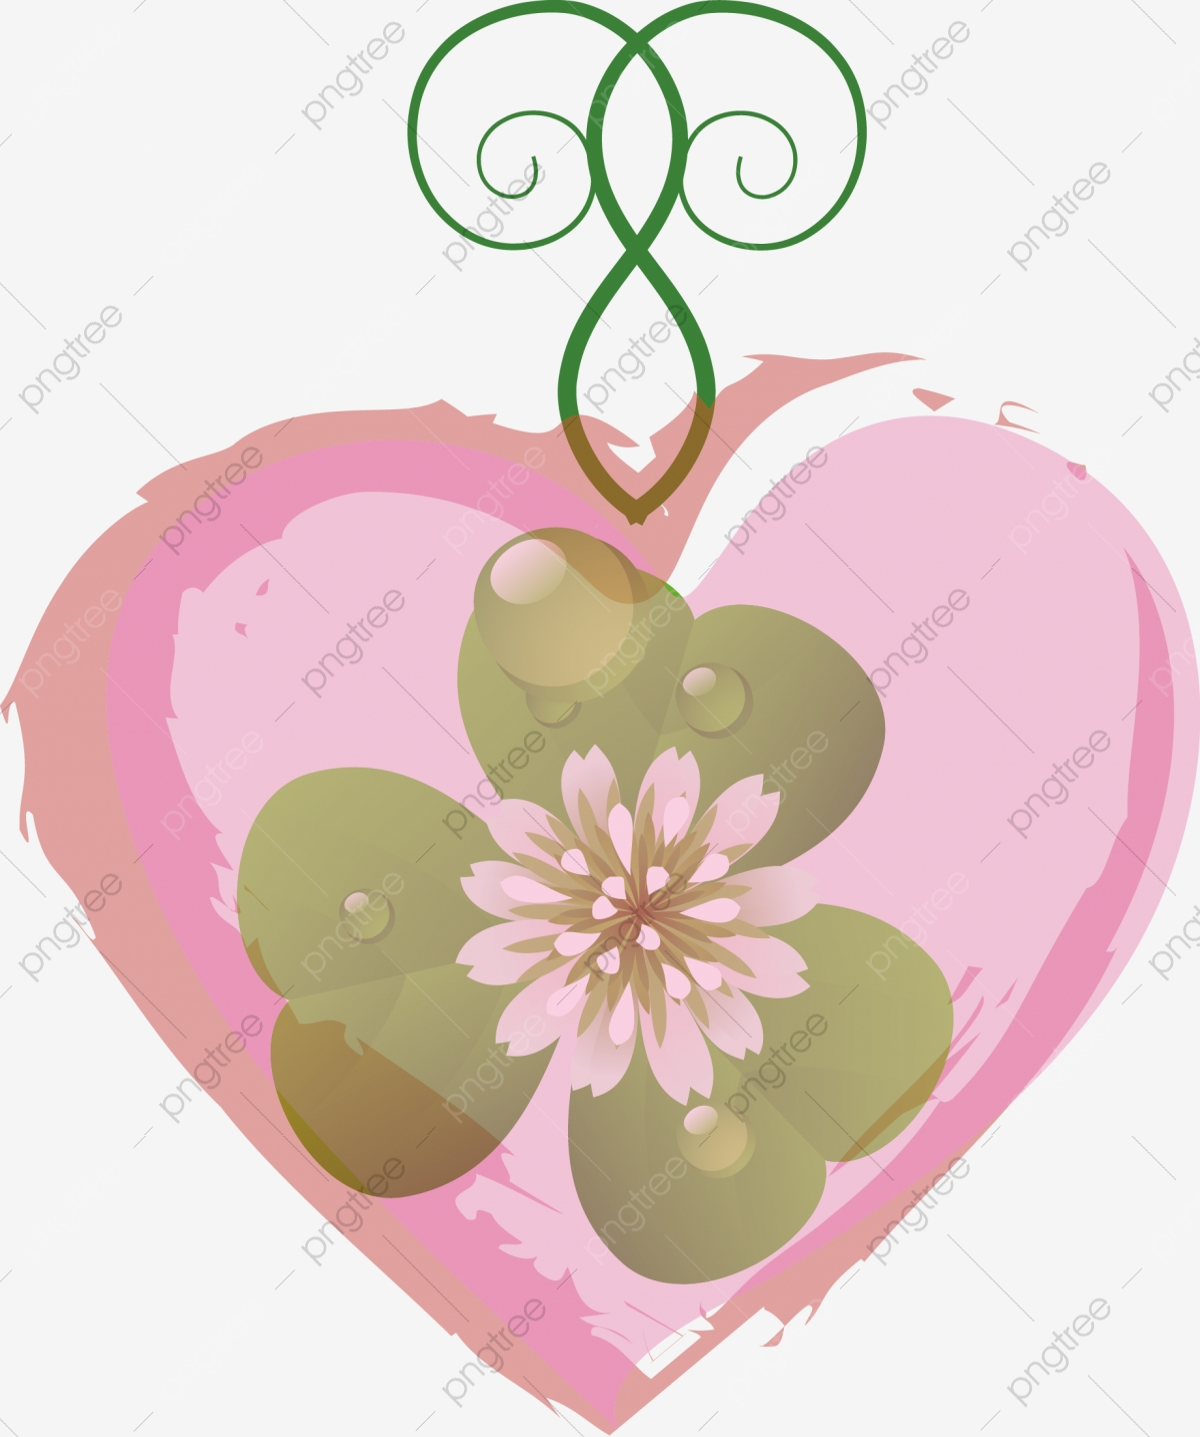 Desenho De Amor Desenho De Trevo Trevo De Quatro Folhas Forma